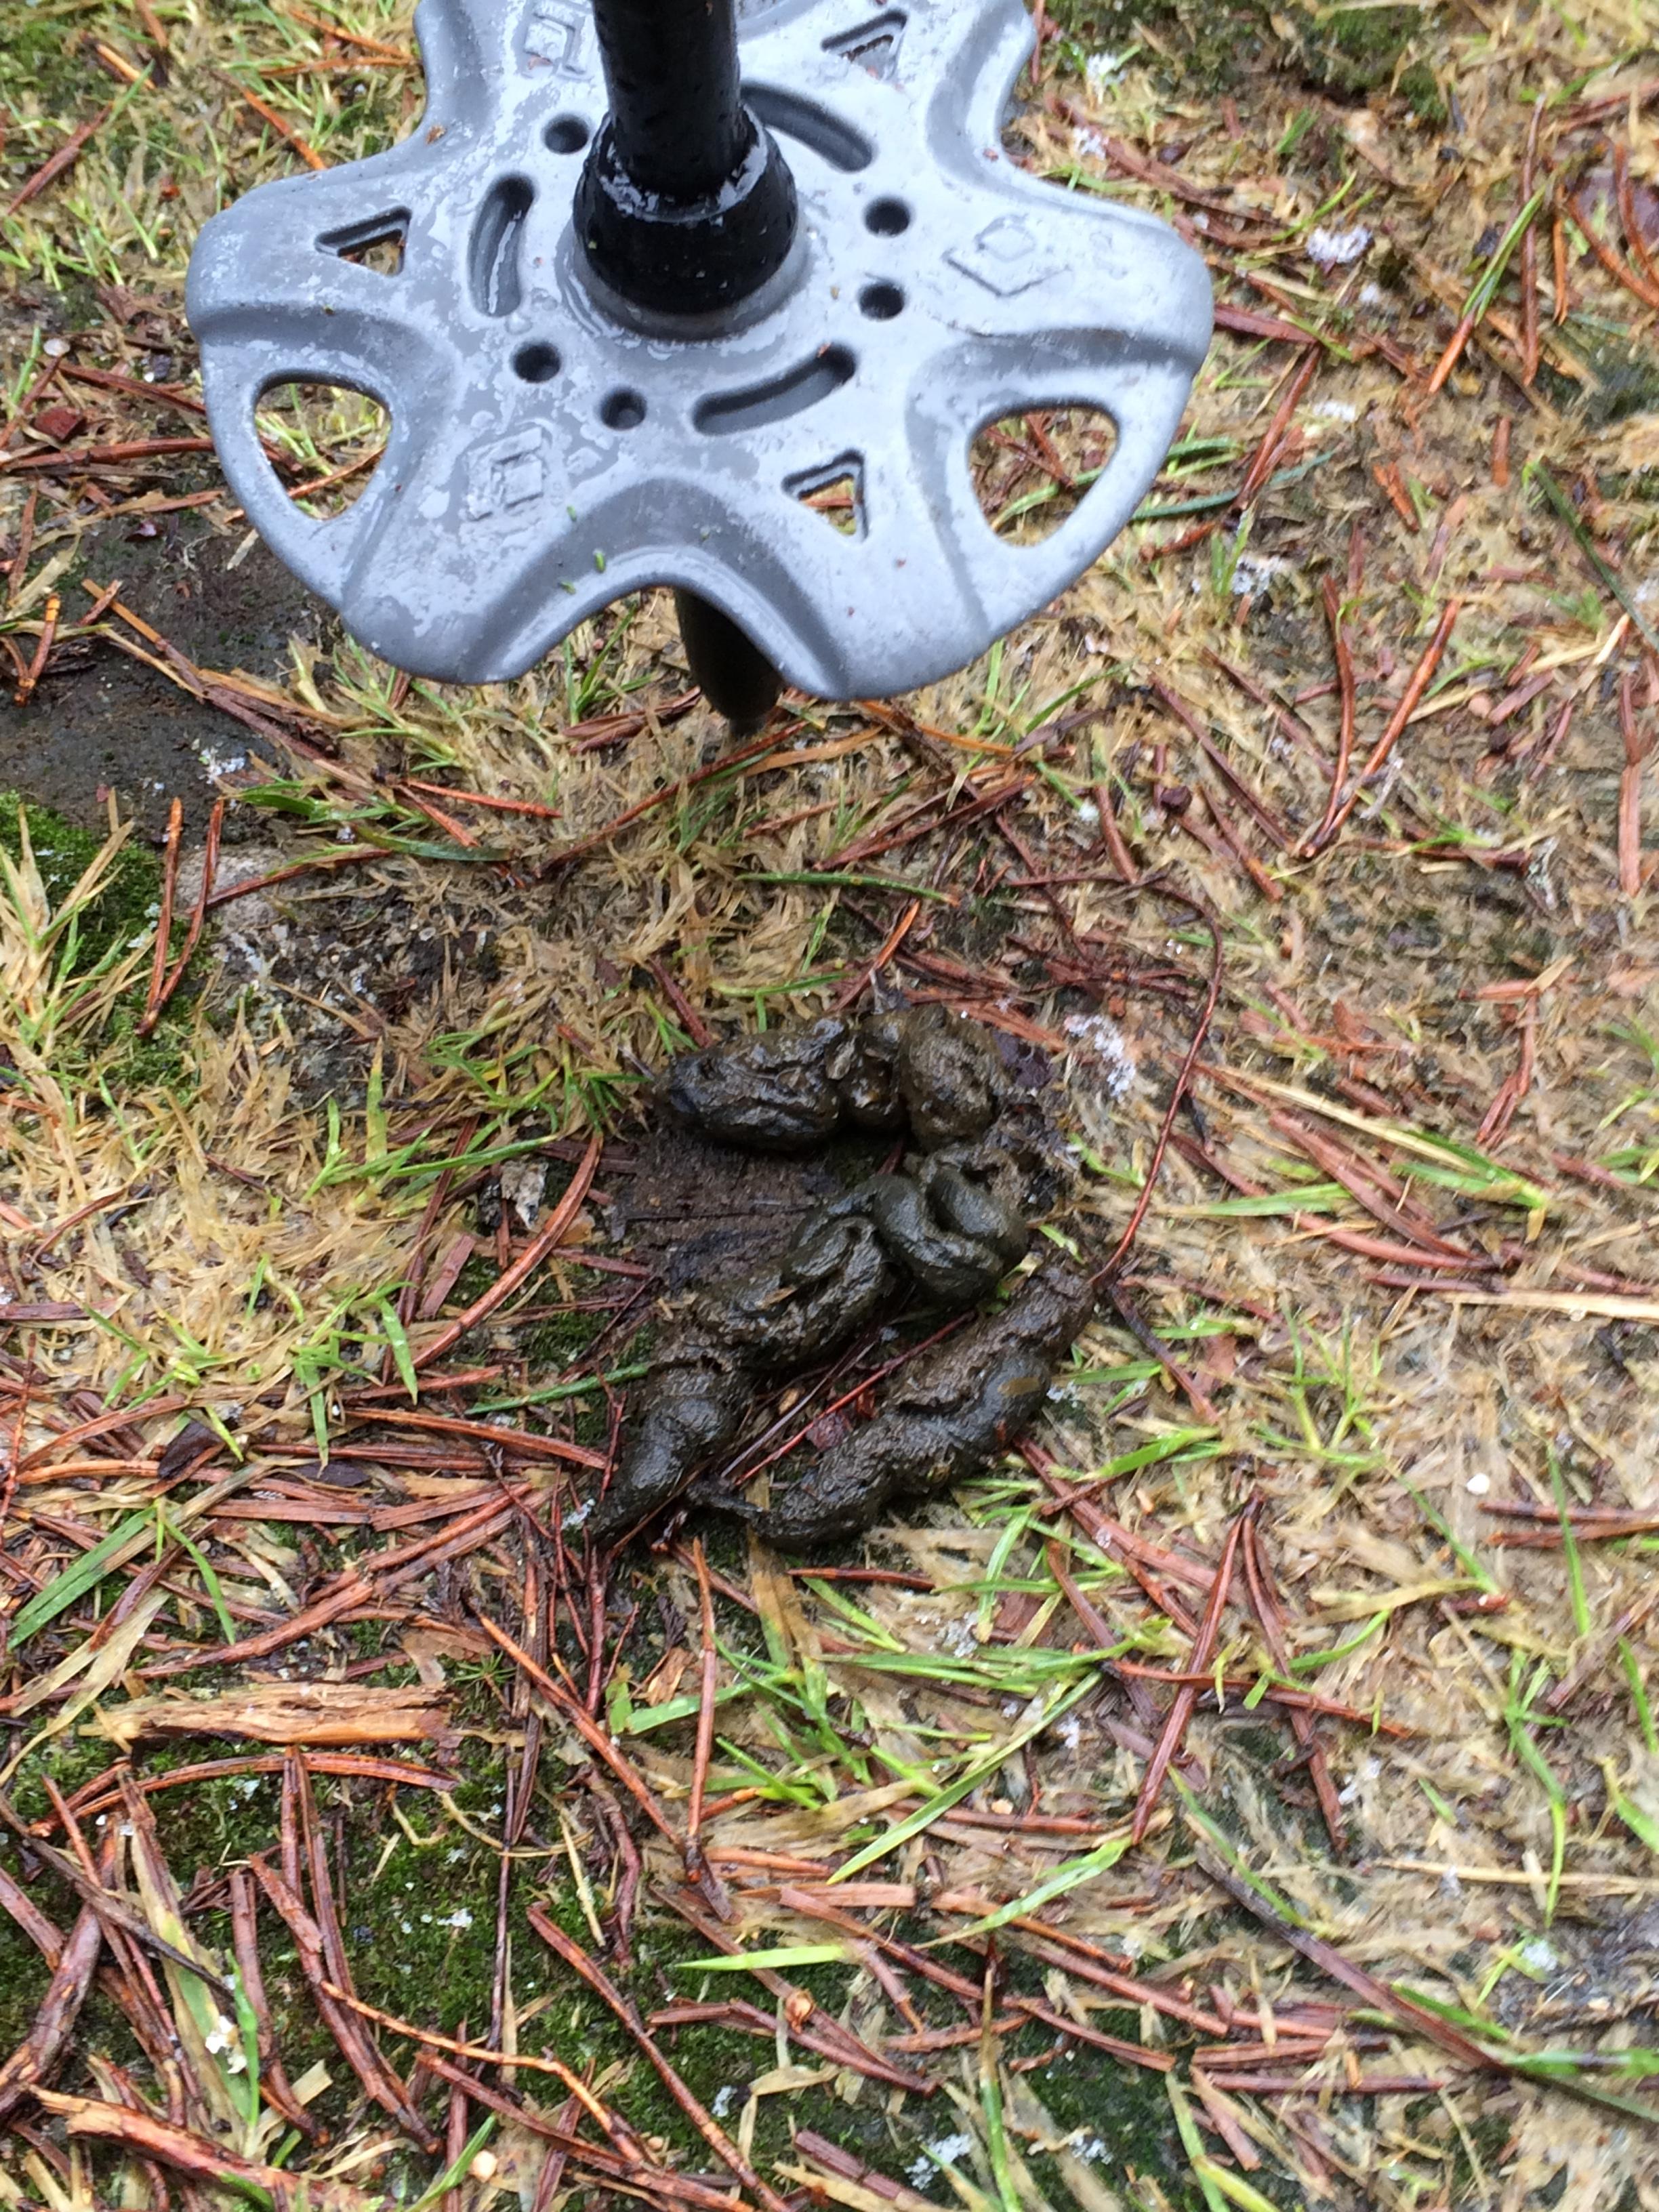 This is pine marten poo